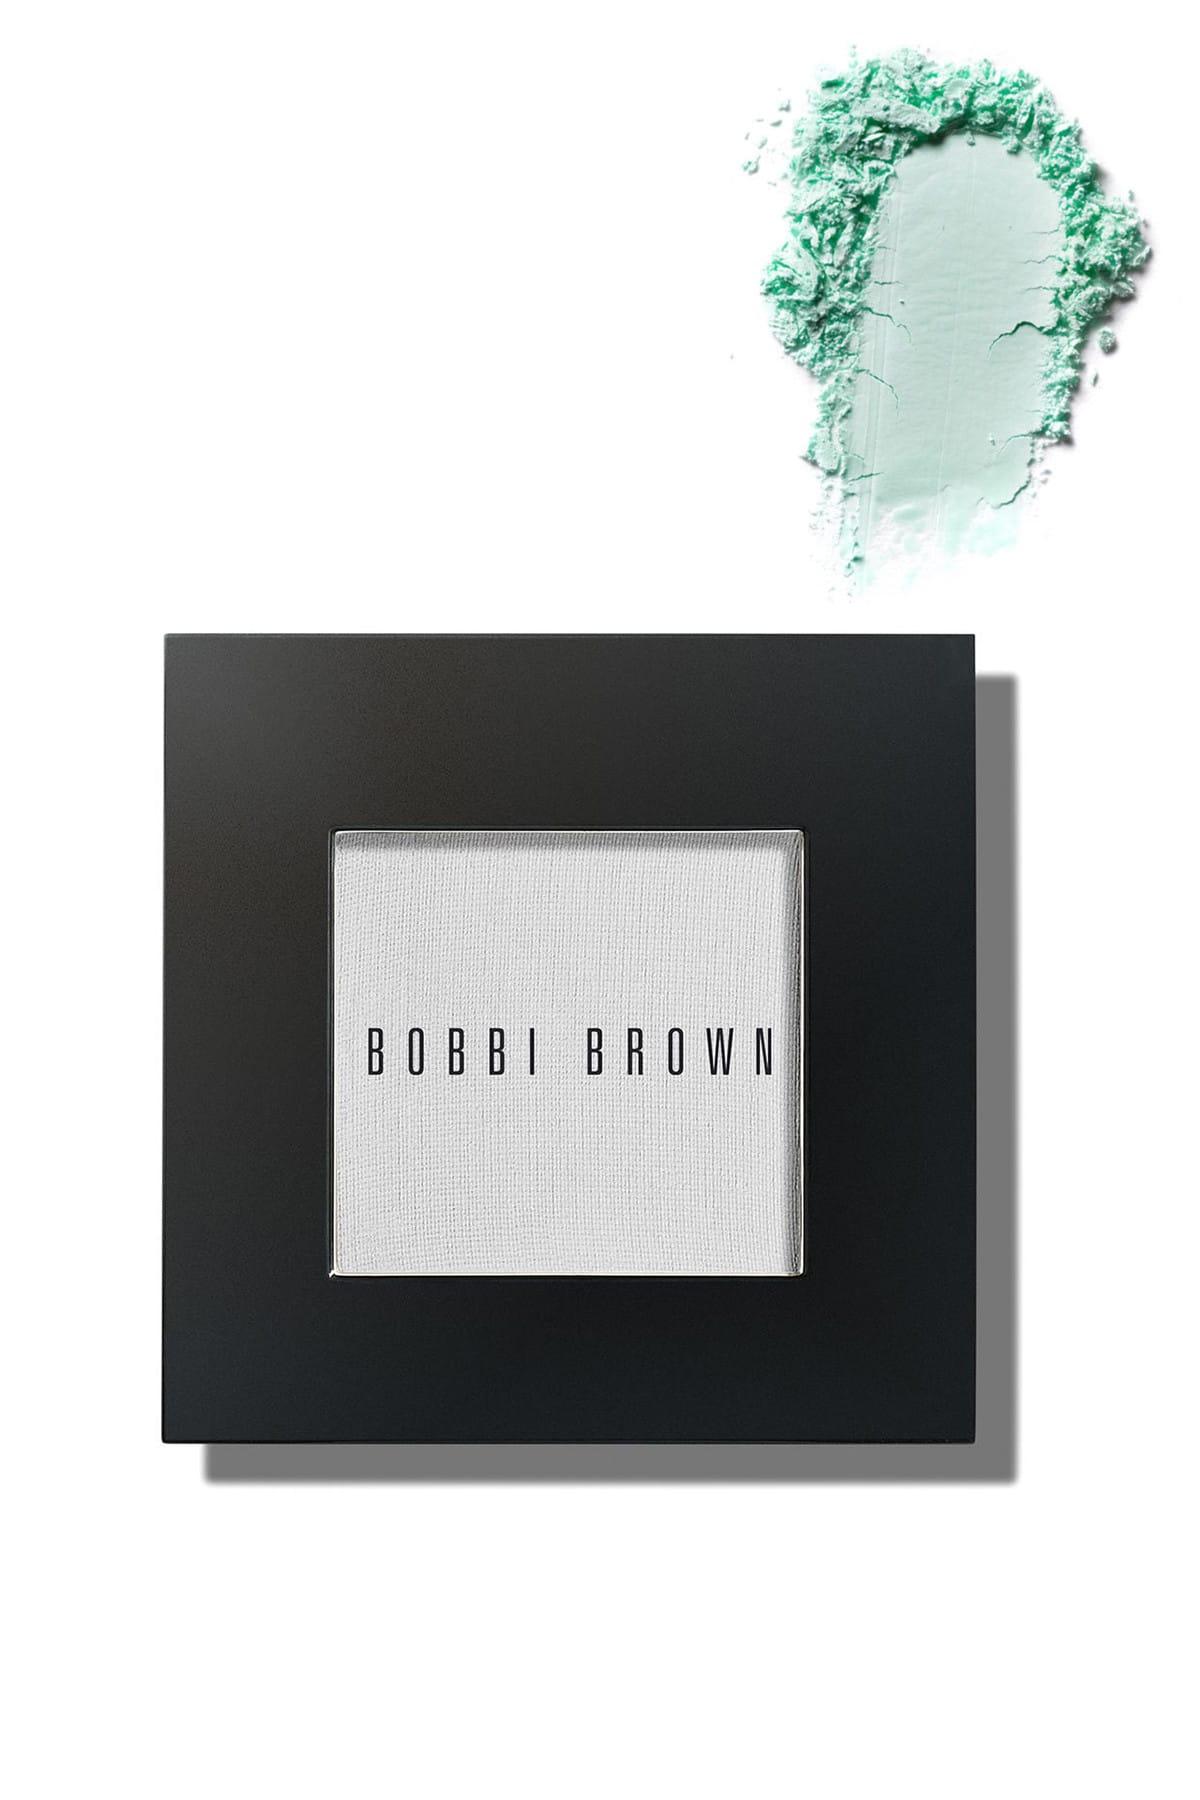 BOBBI BROWN Göz Farı - Eyeshadow Sea Glass 2.5 g 716170141749 1